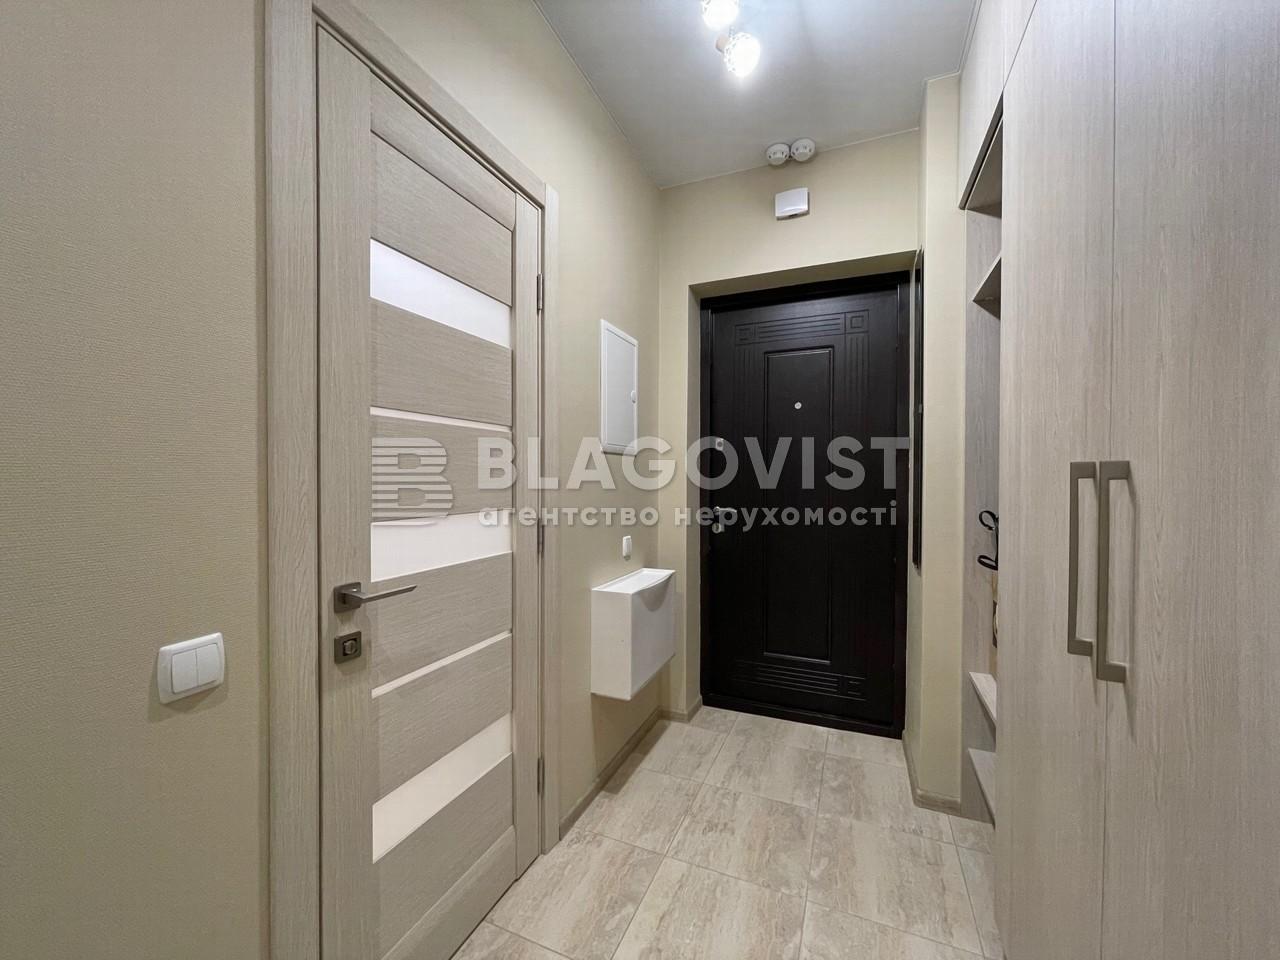 Квартира Z-778228, Правды просп., 41а, Киев - Фото 11